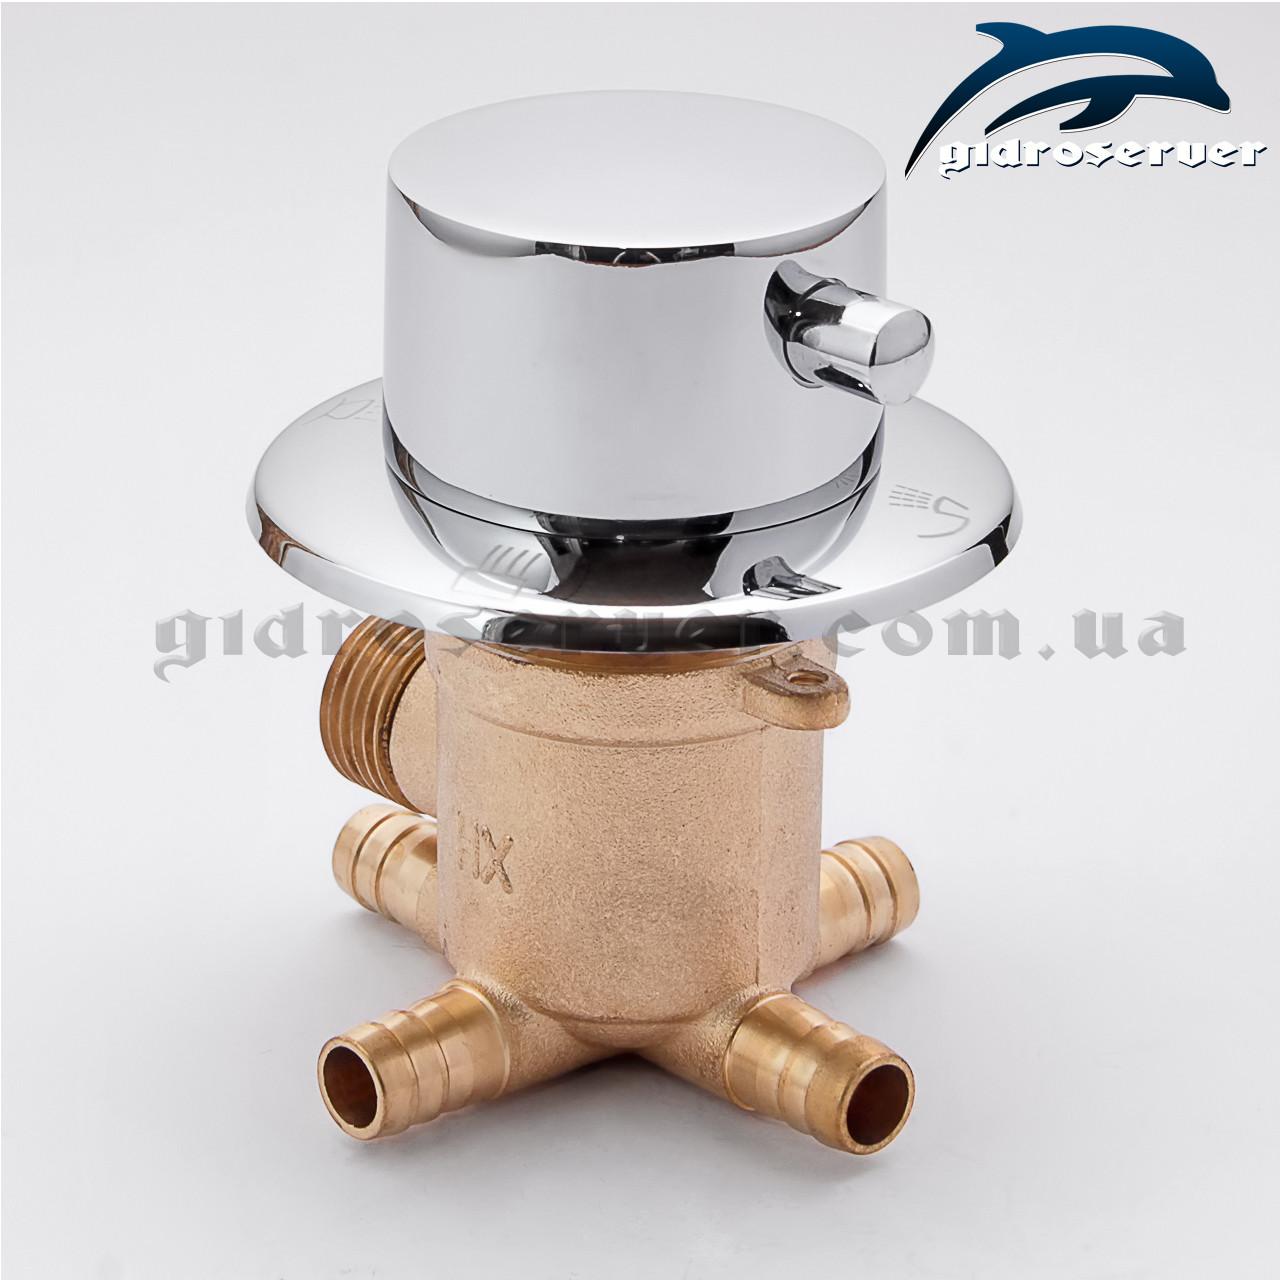 Перемикач для змішувача душової кабінки, гідромасажного боксу PS-04 на 4 положення.